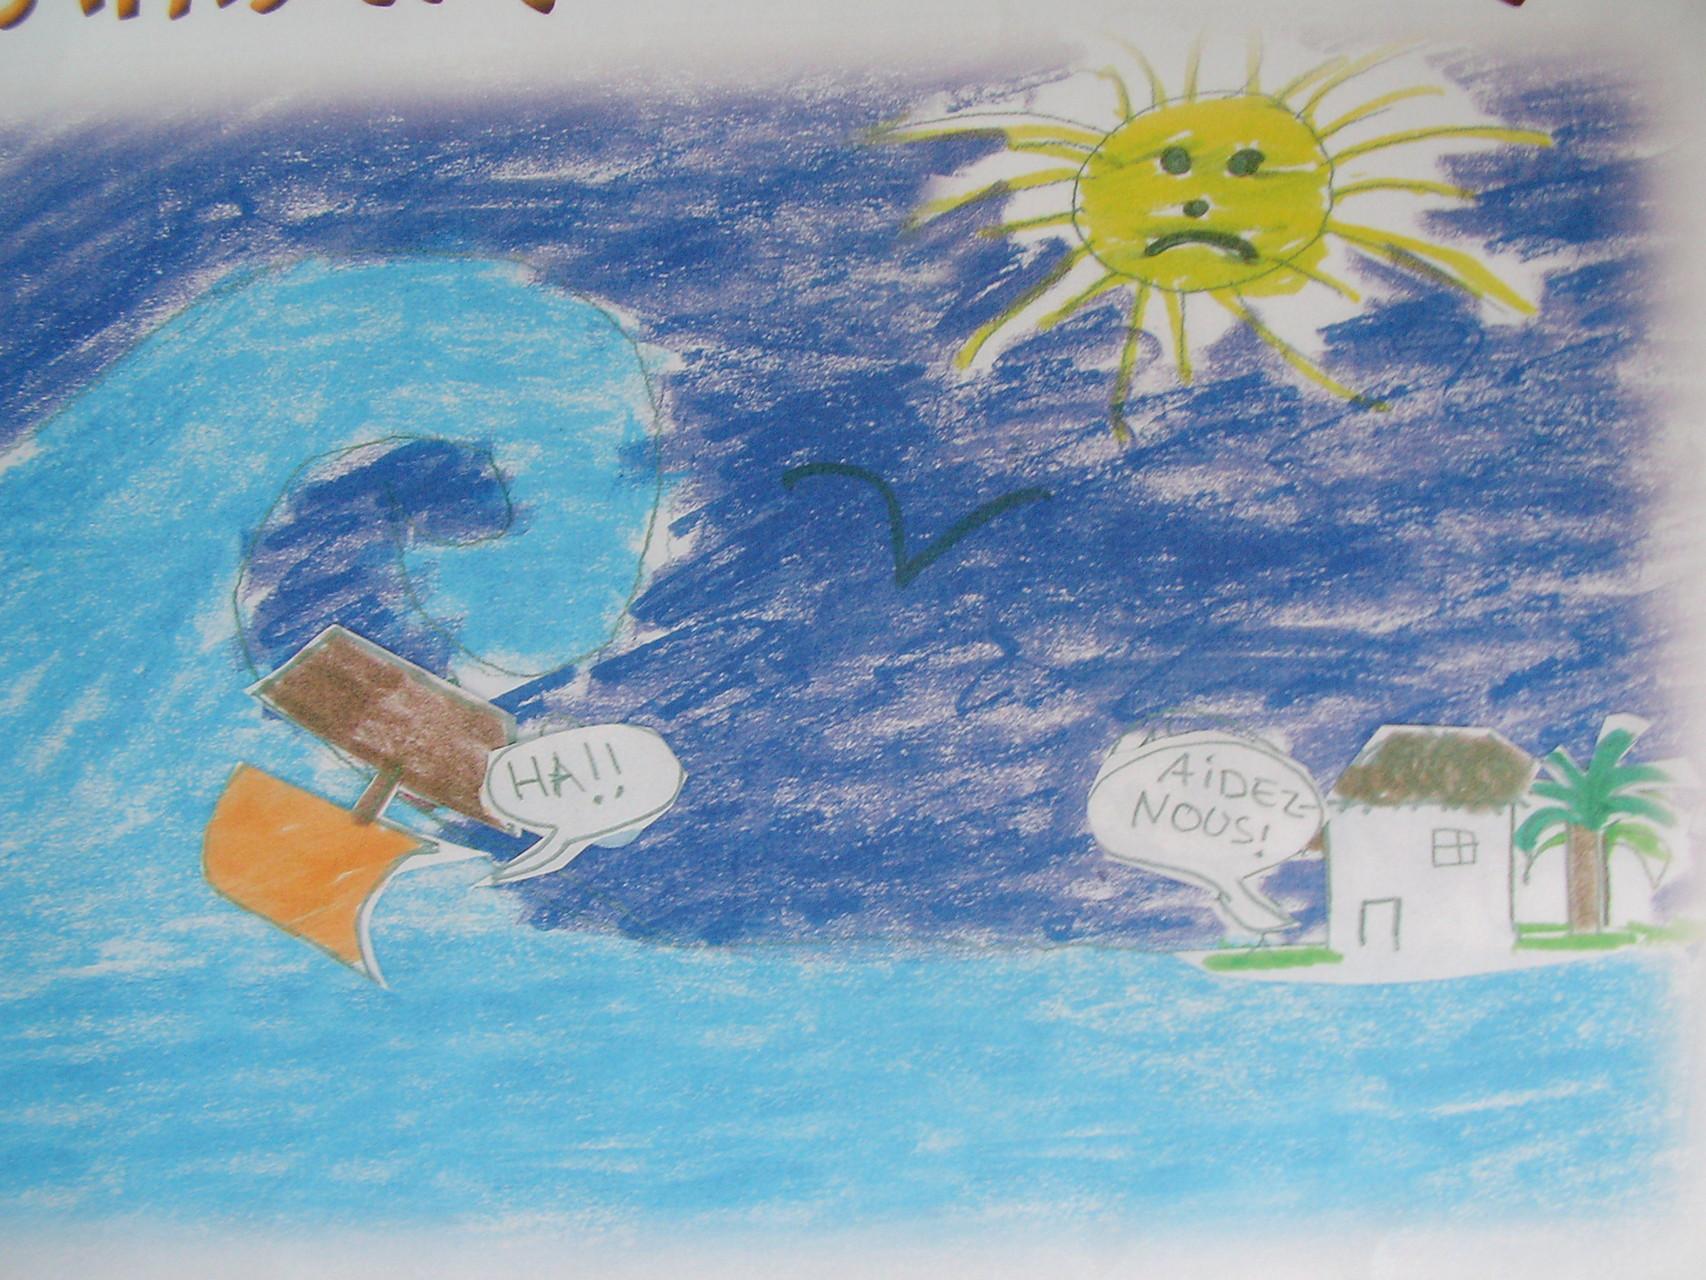 Juin 2005 - La somme de 838 € a pu être récoltée et ainsi envoyée aux victimes du tsunami - Merci - Milesker - Nandri